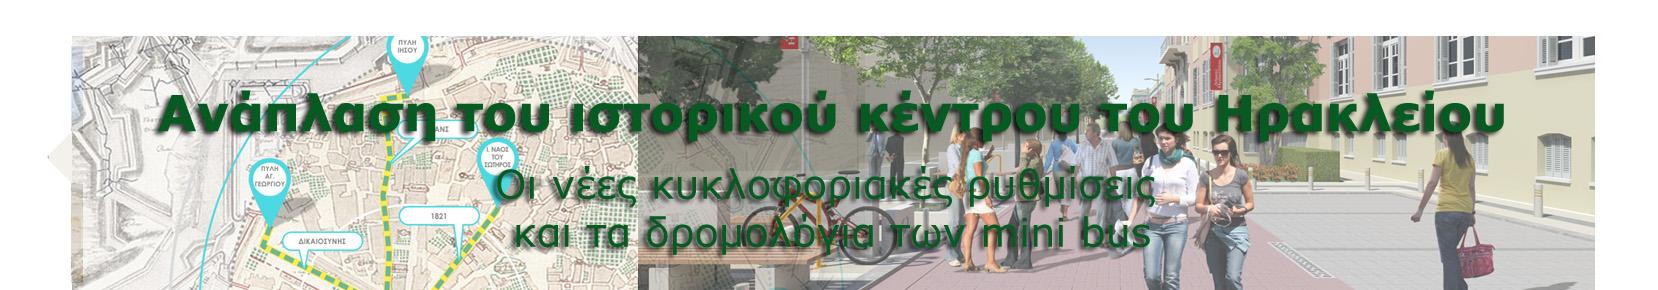 Εργασίες ανάπλασης στο κέντρο του Ηρακλείου - Νέες κυκλοφοριακές ρυθμίσεις (3311)